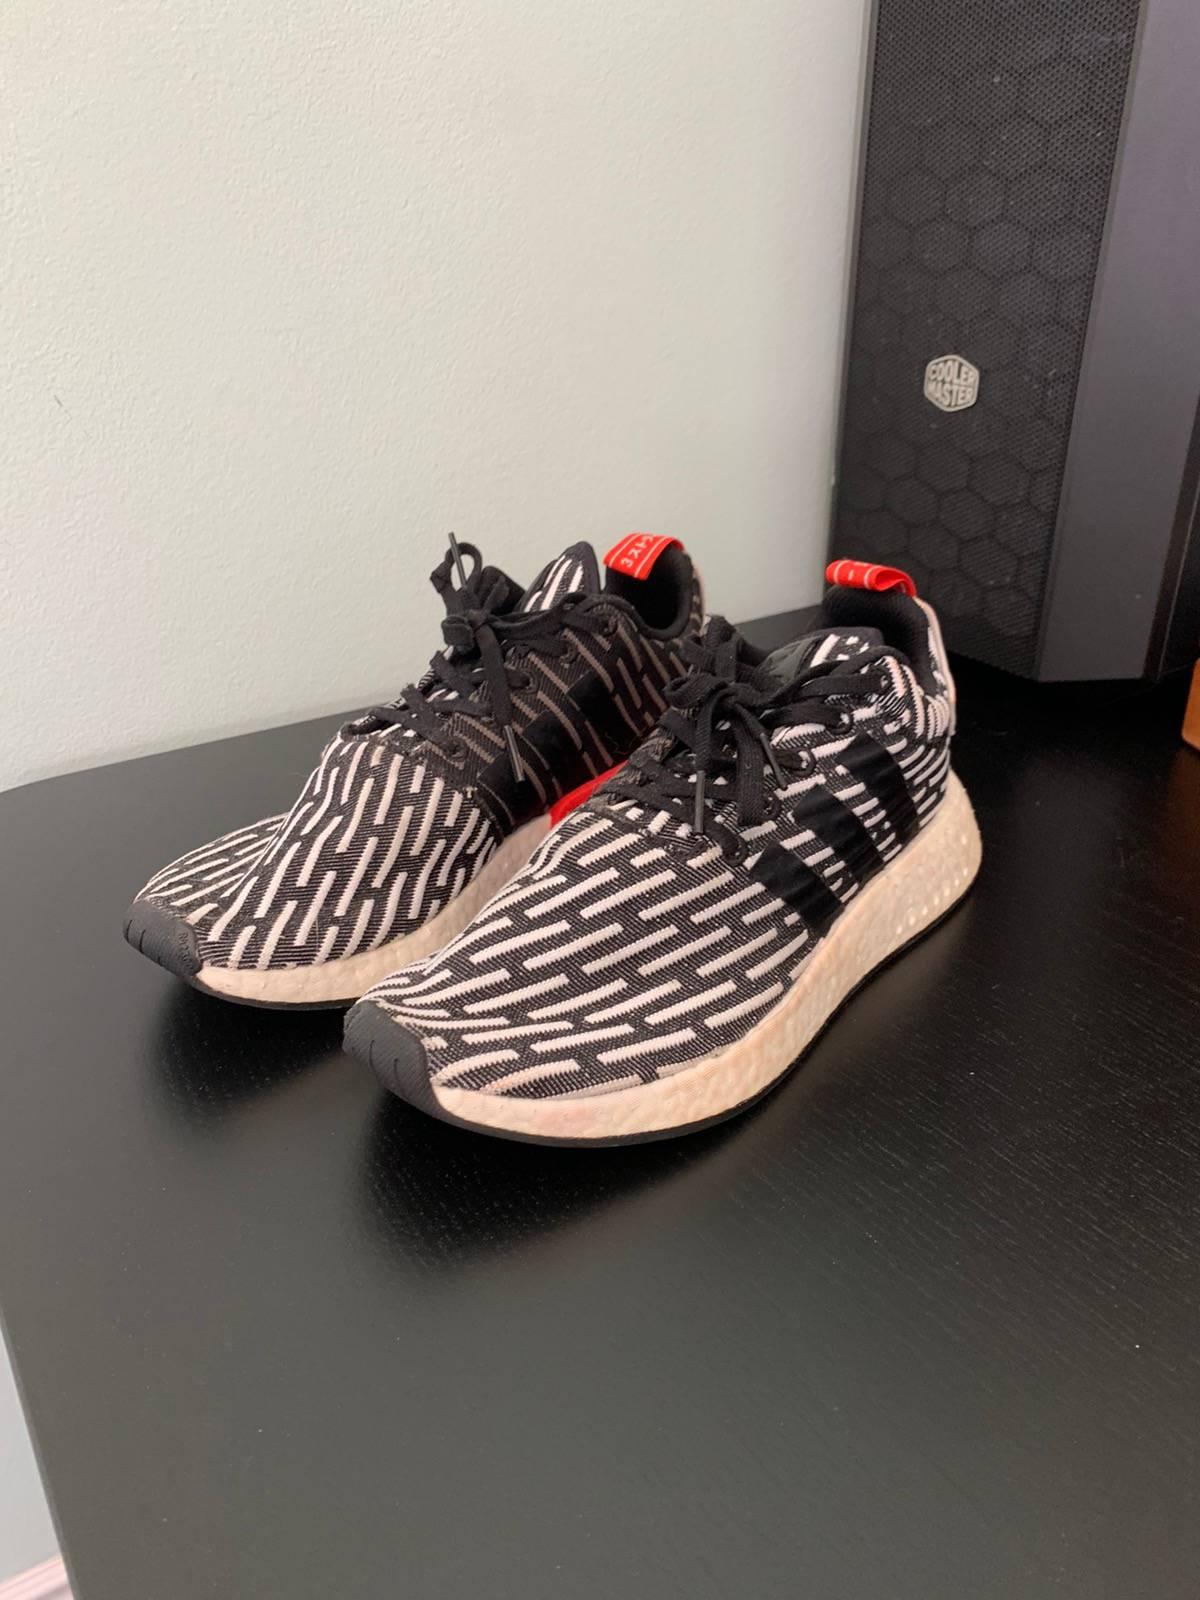 Adidas Nmd R2 Pk Core Black Stripe 2017 Size 10 $34